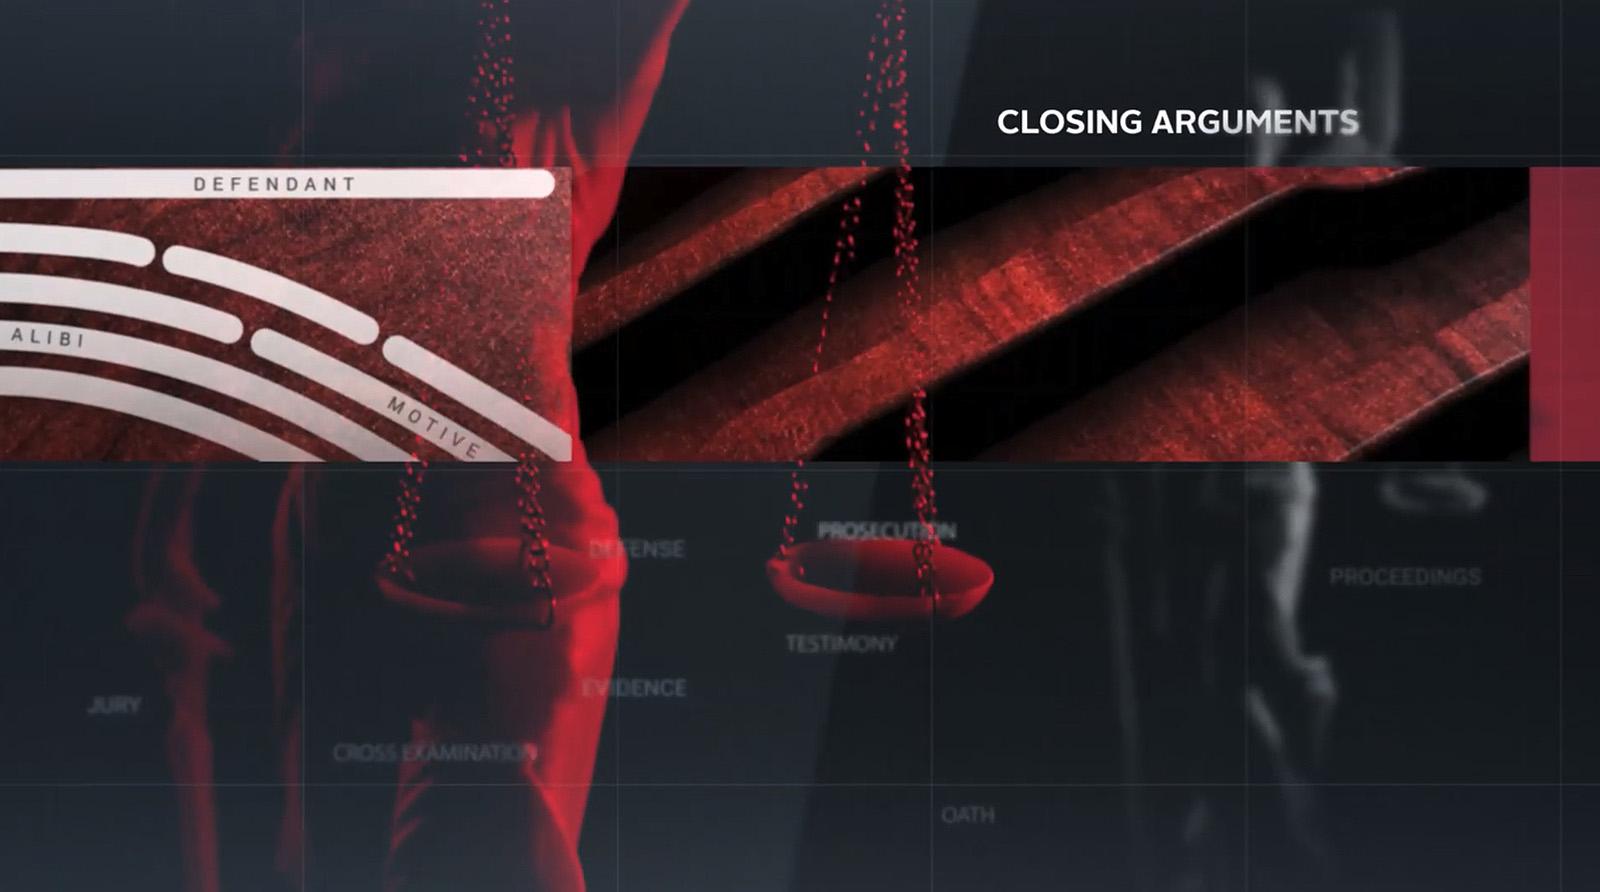 NCS_Court-TV-Branding-Motion-Design_011